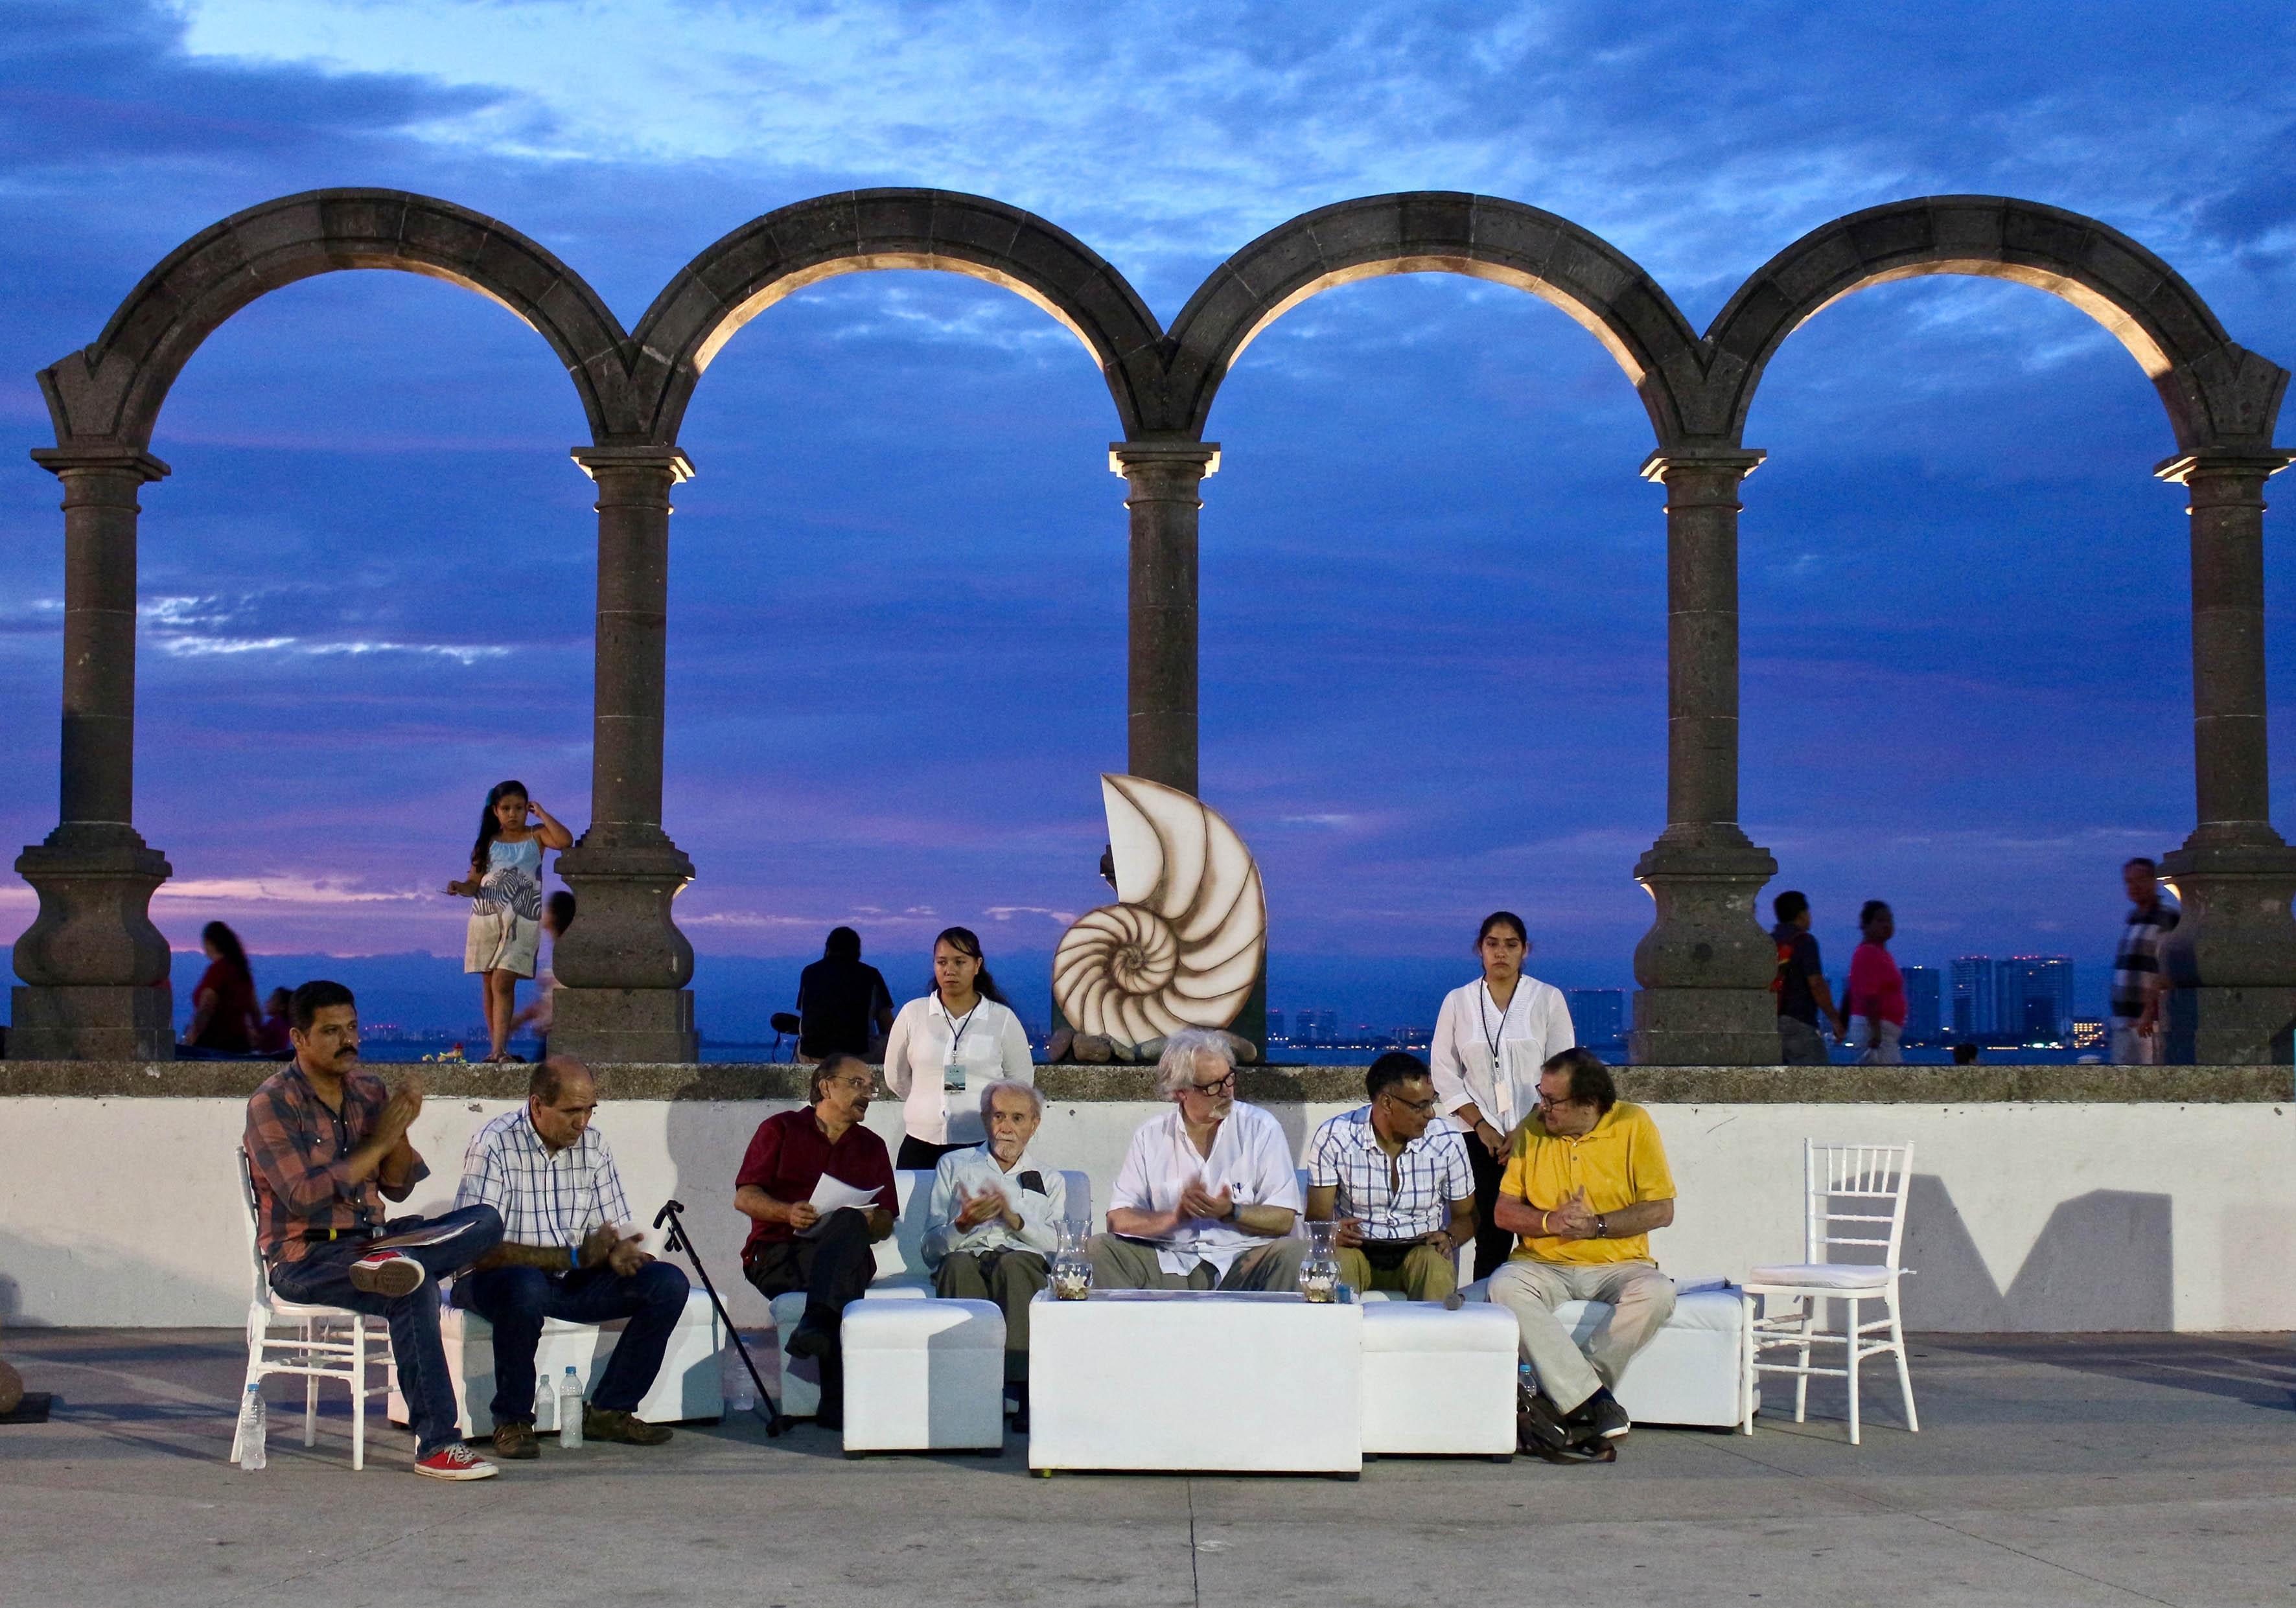 Homenaje al poeta yucateco Raúl Renán y distinguido con el galardón El Caracol de Plata en el anfiteatro Aquiles Serdán, mejor conocido como Los Arcos del malecón de Puerto Vallarta.